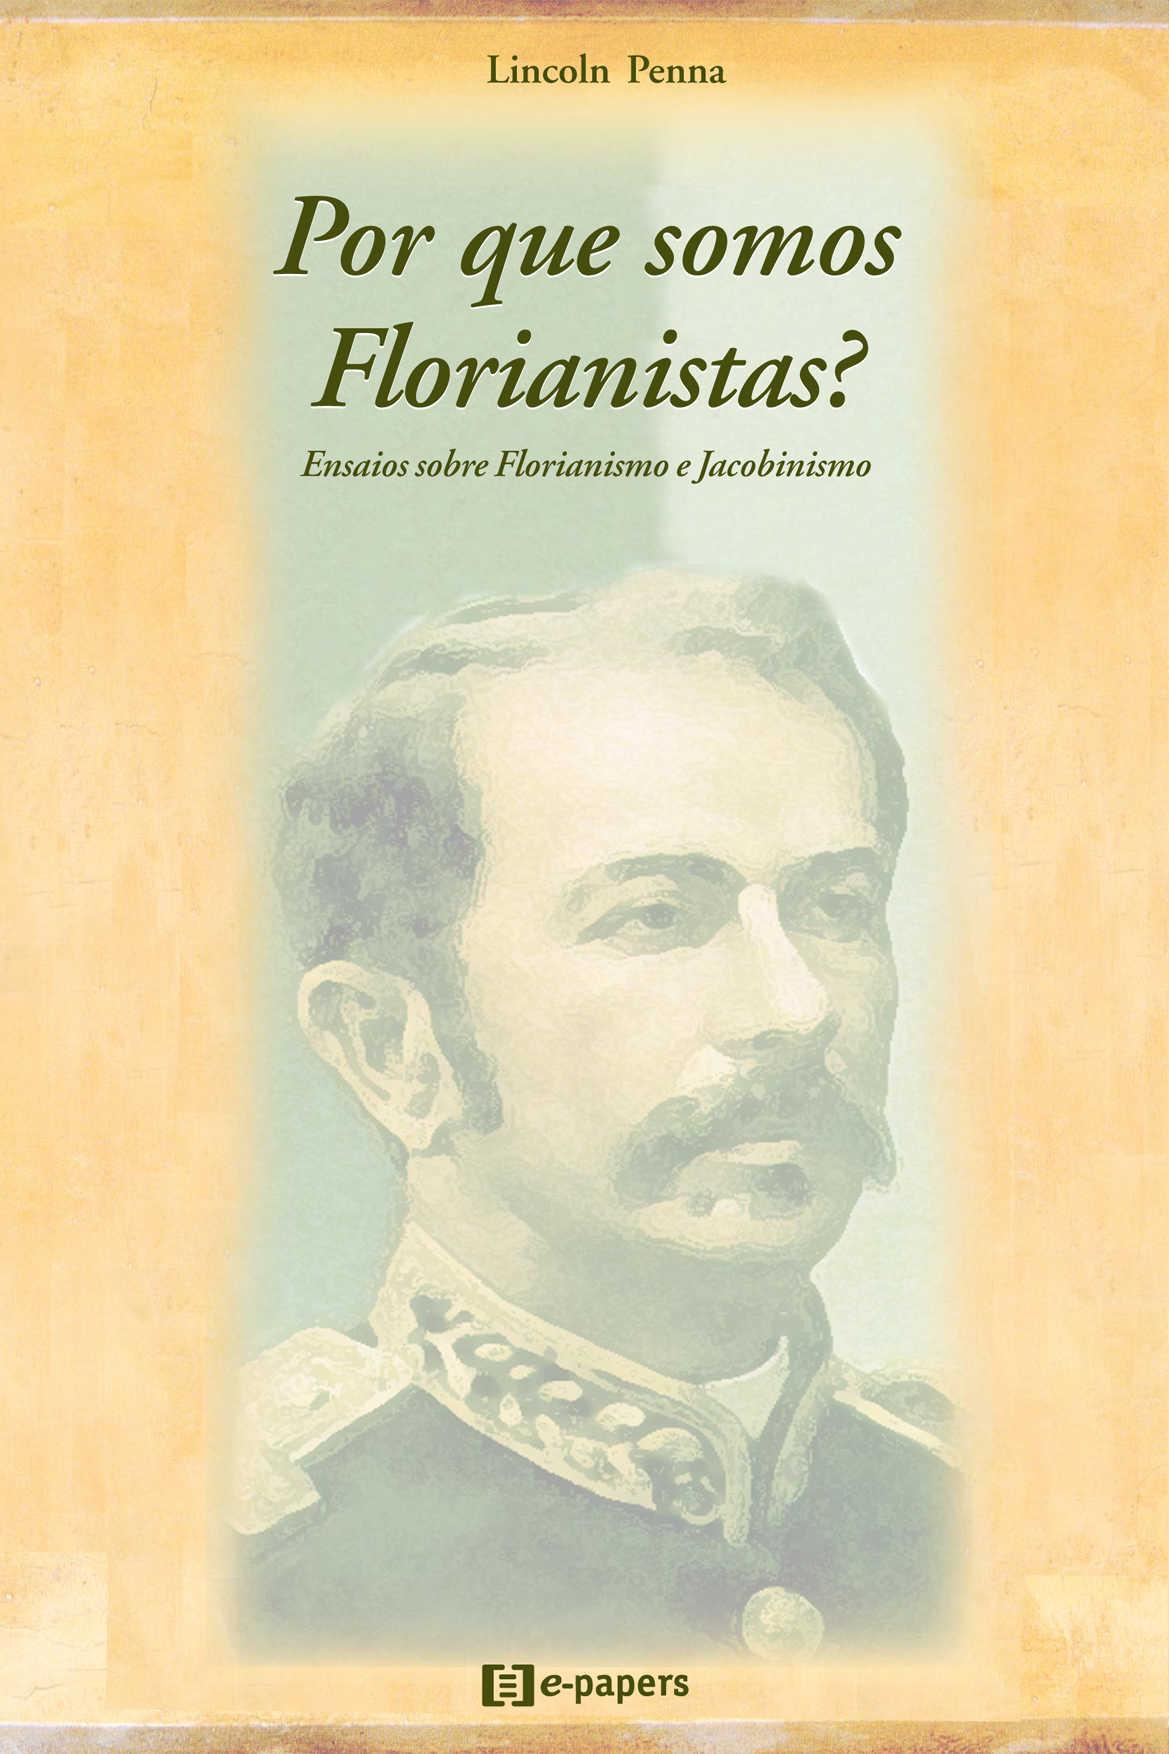 Por que somos Florianistas?: Ensaios sobre Florianismo e Jacobinismo